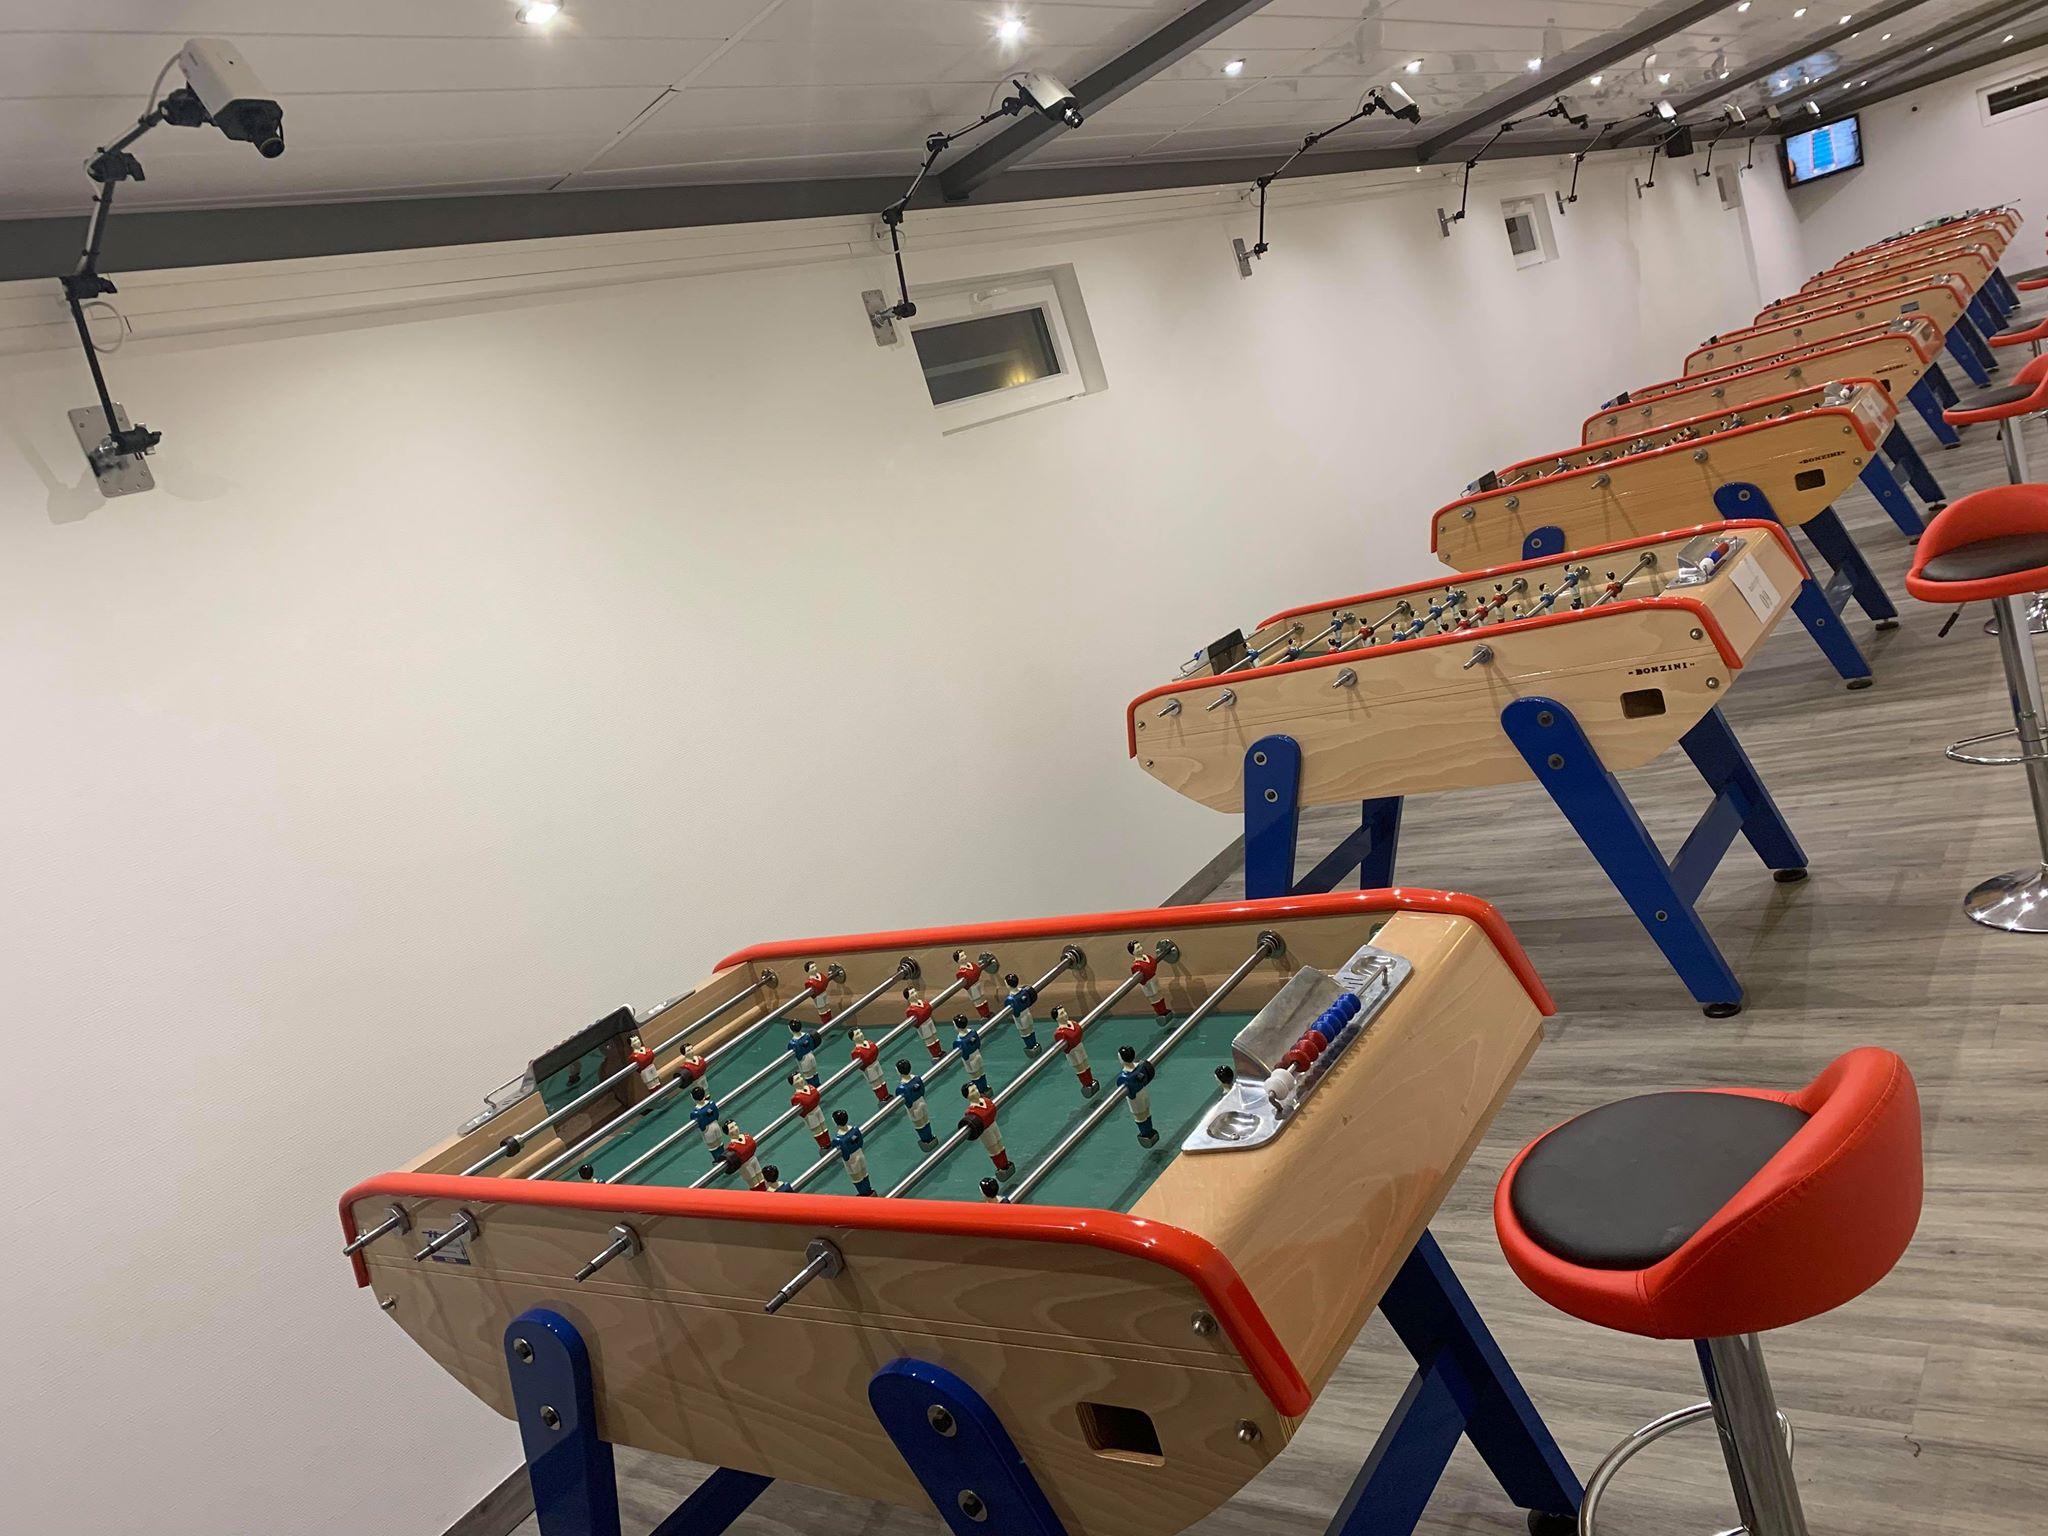 Salle privée tournoi de baby foot bordeaux entreprise, tournoi baby foot bordeaux entreprise